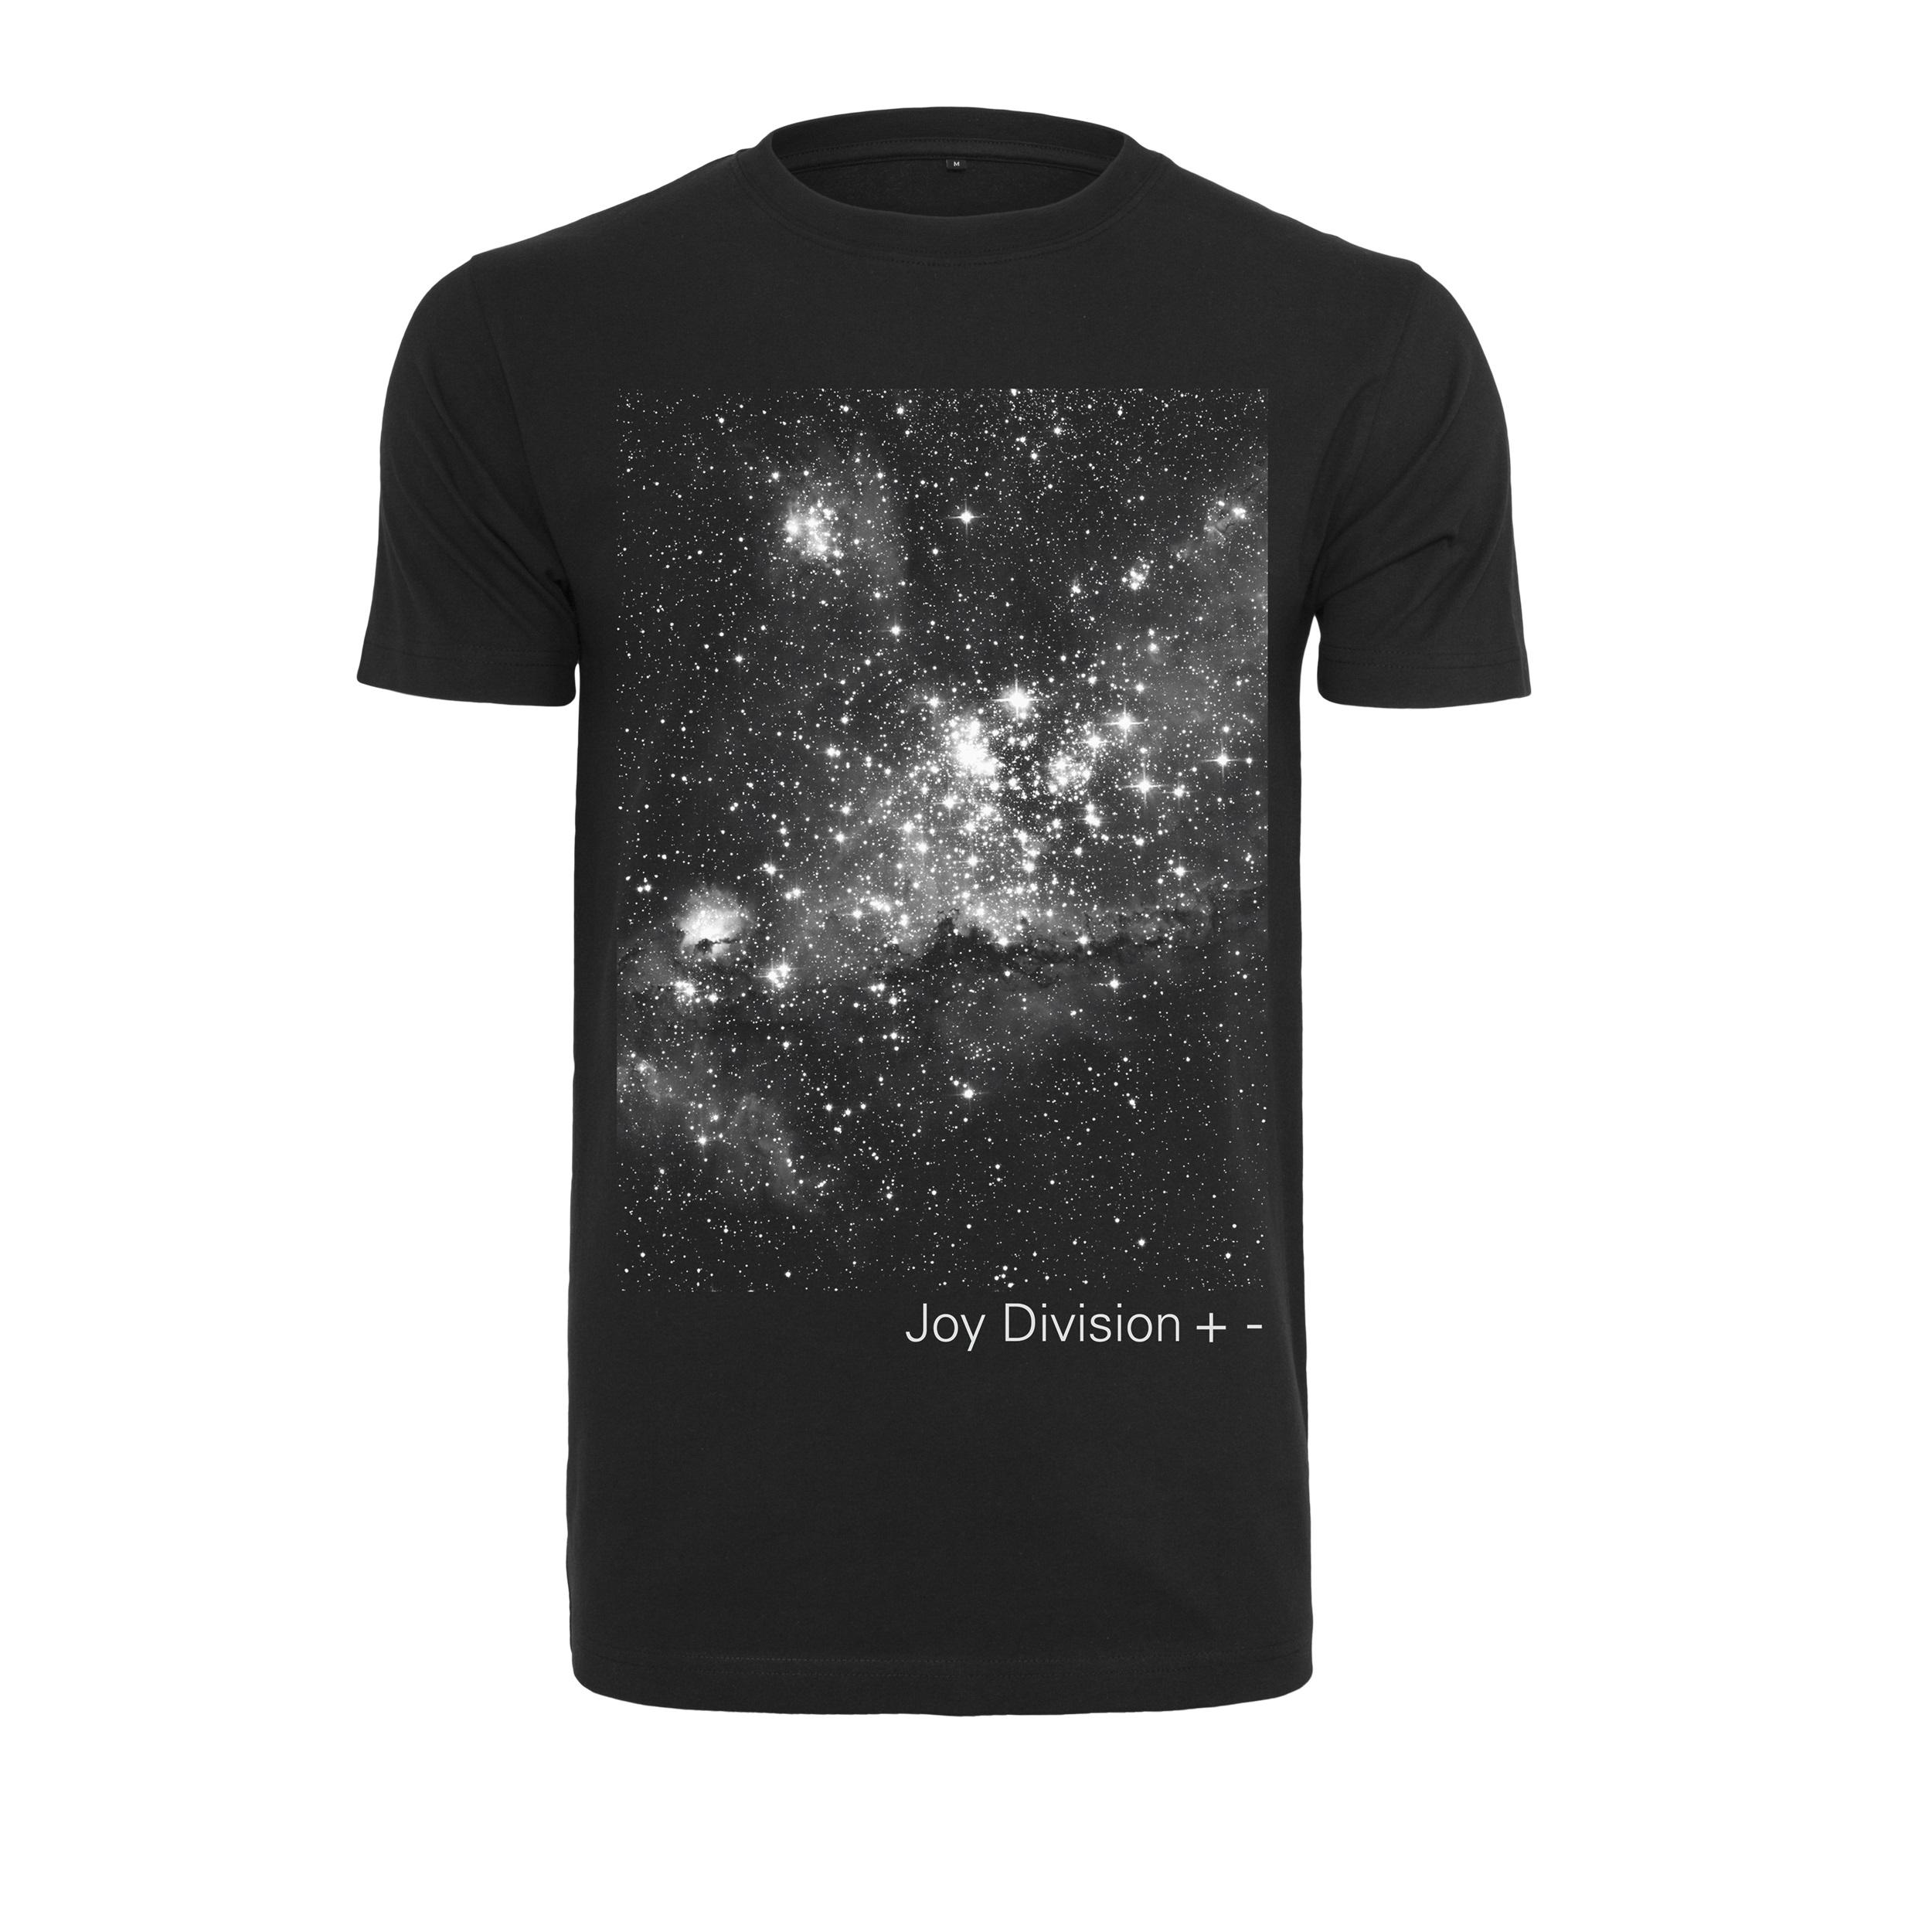 Joy Division - Tričko + - tee - Muž, Čierna, XXL